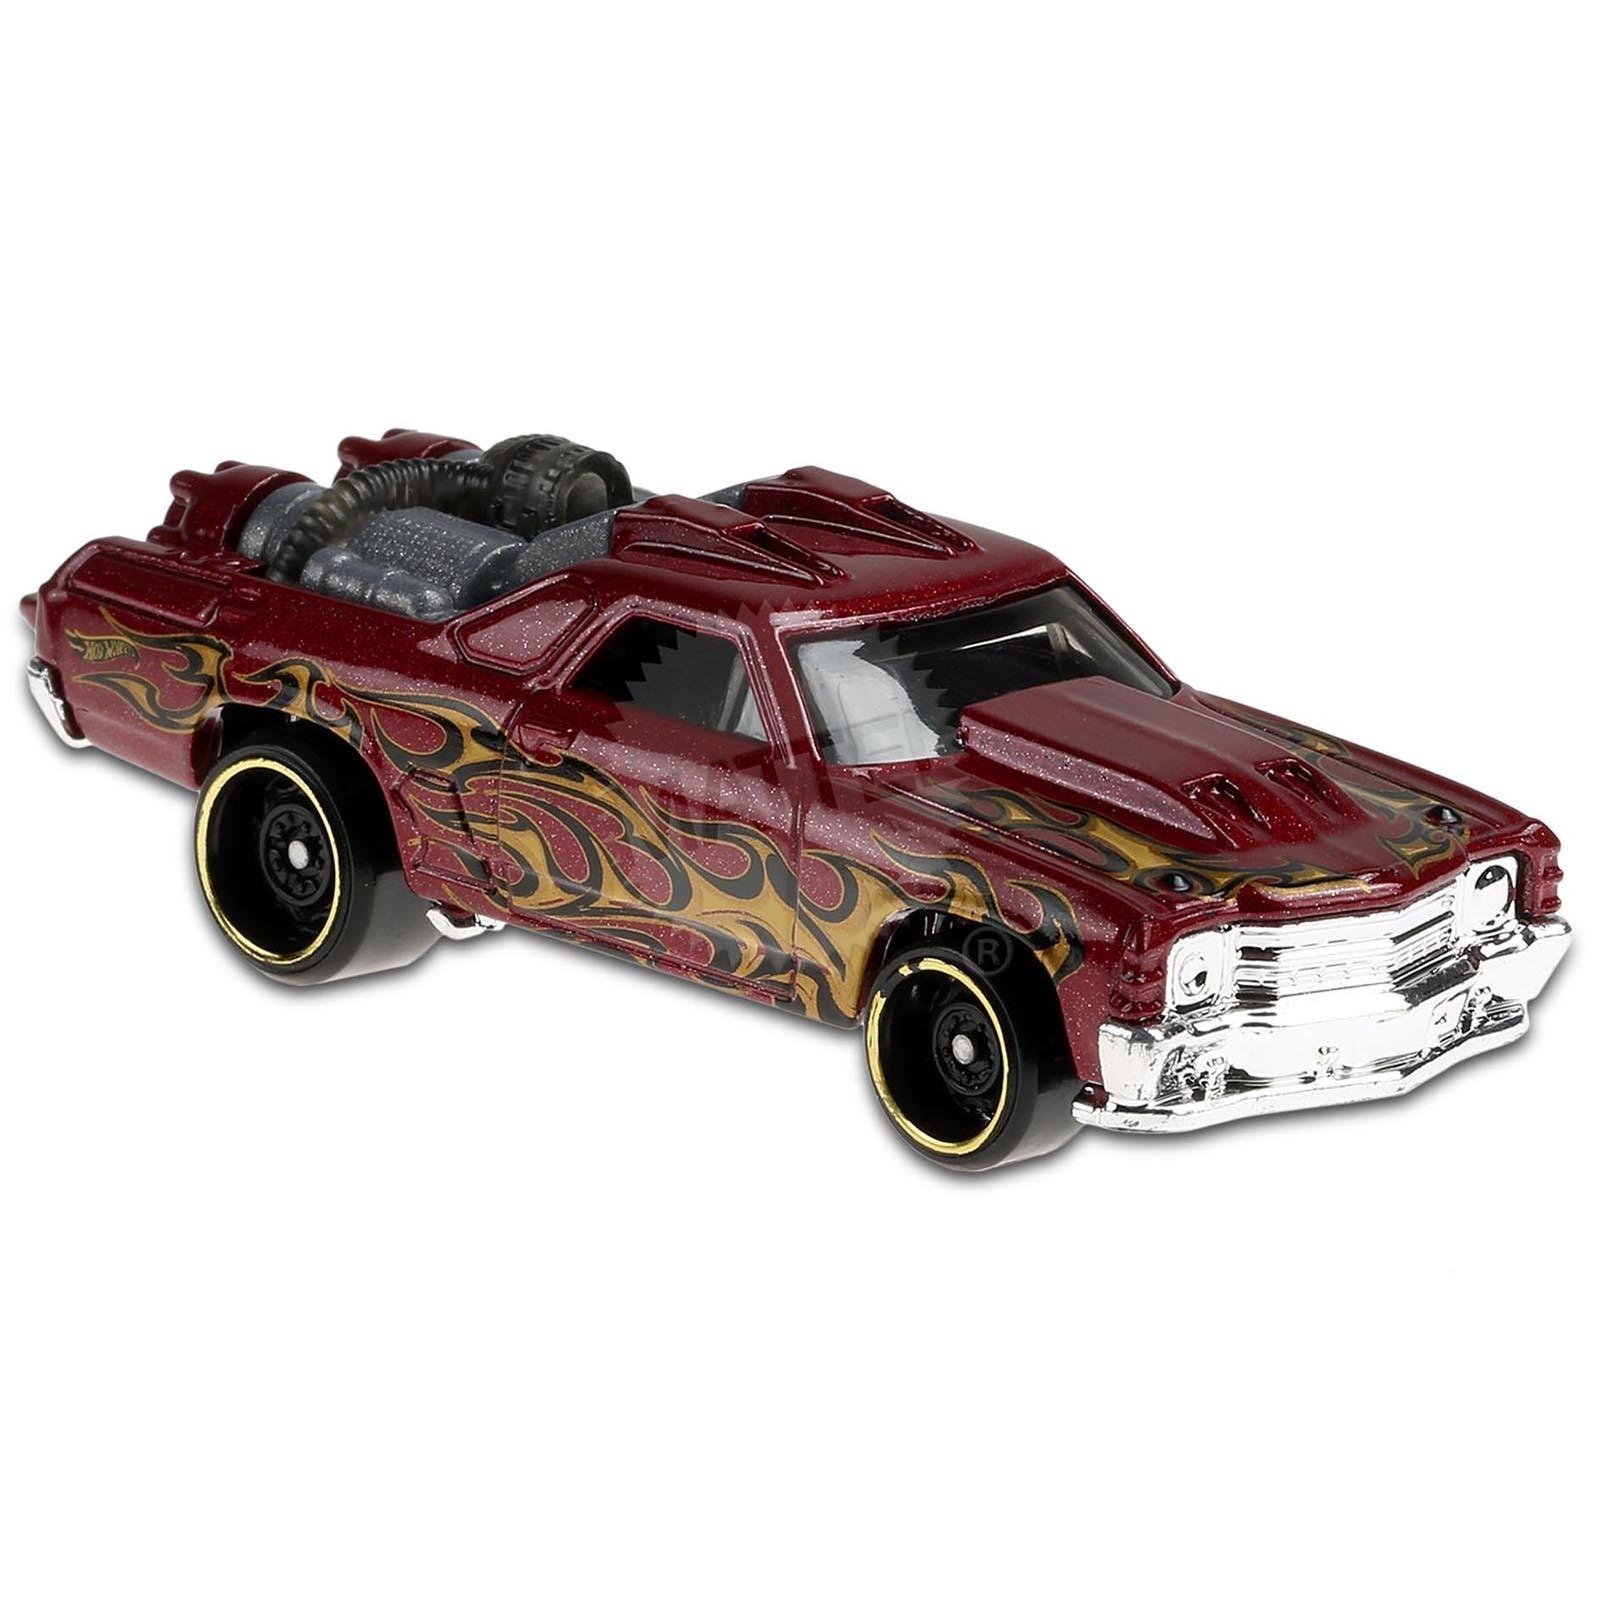 Купить Машинка Hot Wheels CUSTOM '71 EL CAMINO от